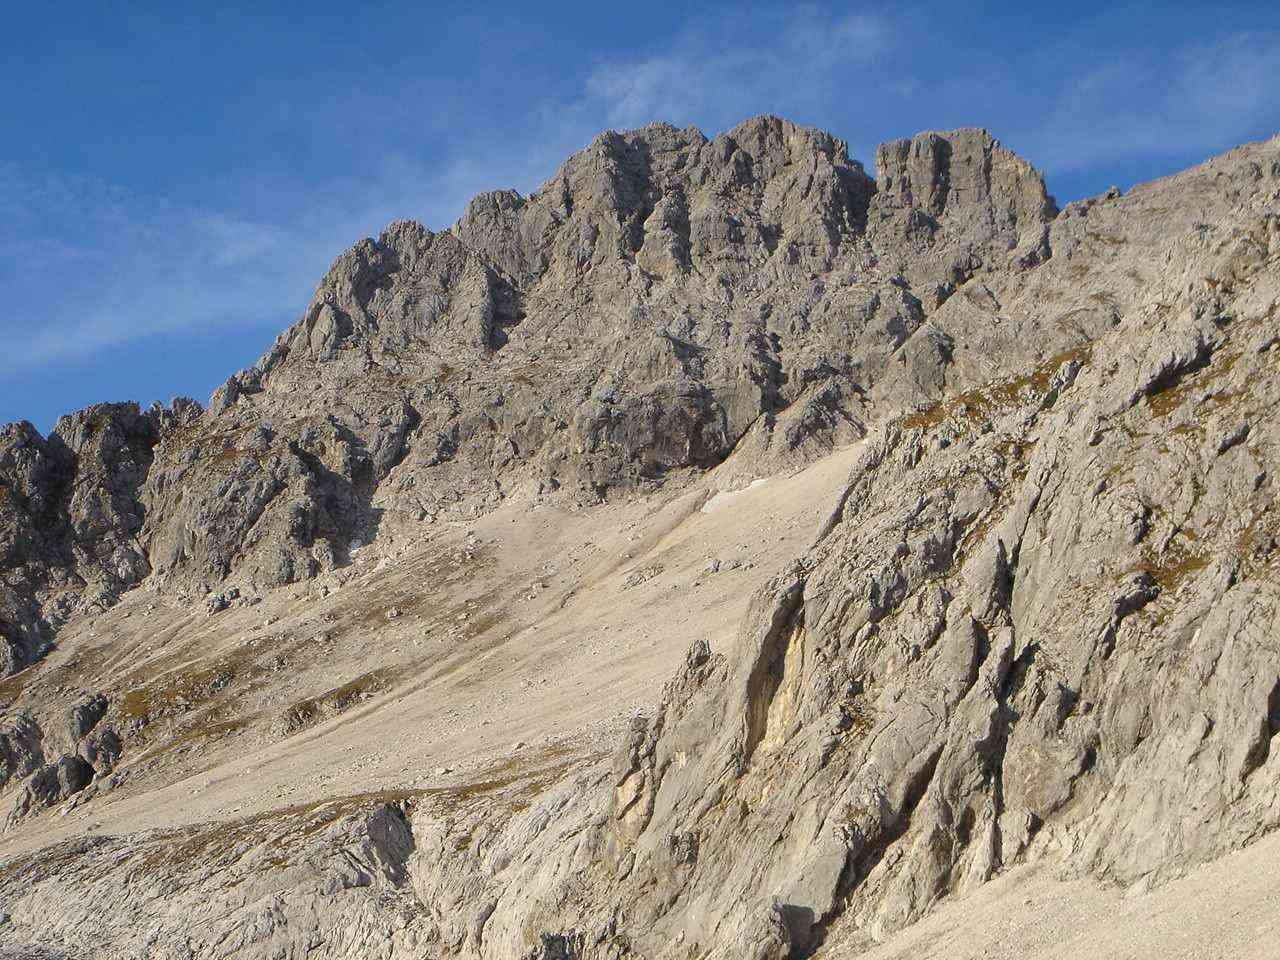 Foto: Manfred Karl / Wander Tour / Über das Prielschutzhaus und den Bert-Rinesch-Klettersteig auf den Gr.Priel / Brotfall, links im Profil der Südgrat, eine schöne Kletterei. / 15.06.2007 23:30:14